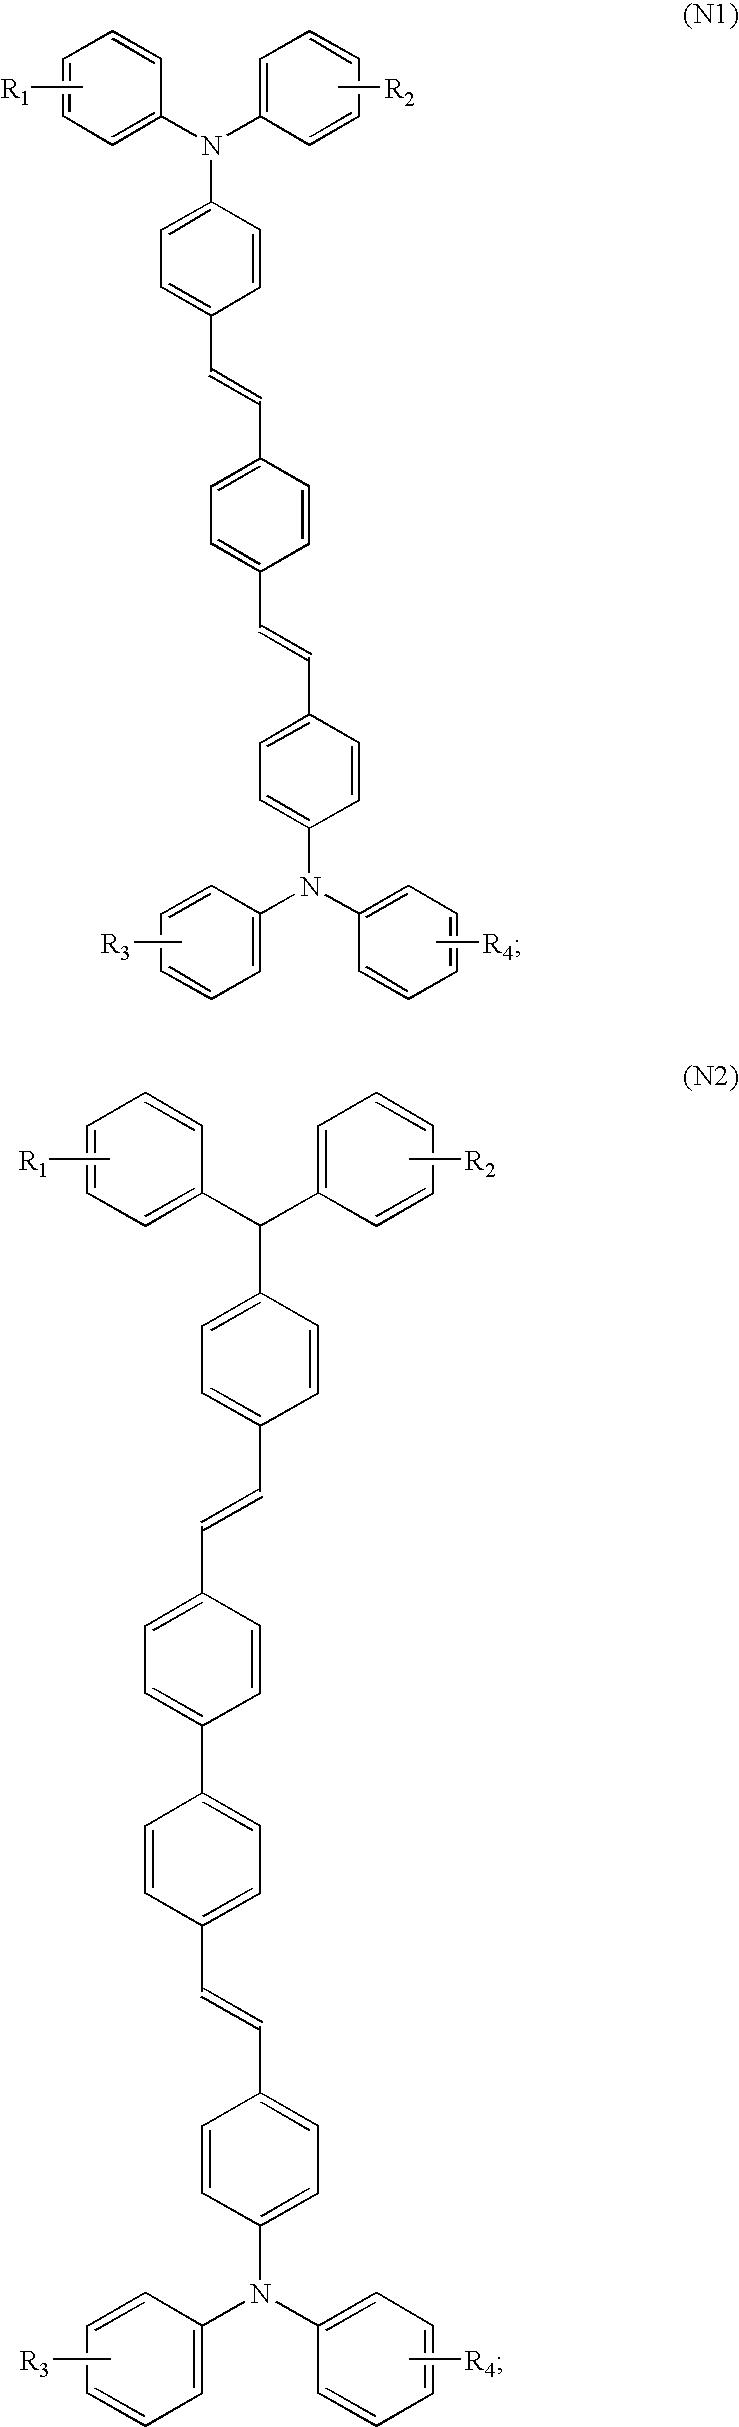 Figure US20060105198A1-20060518-C00071